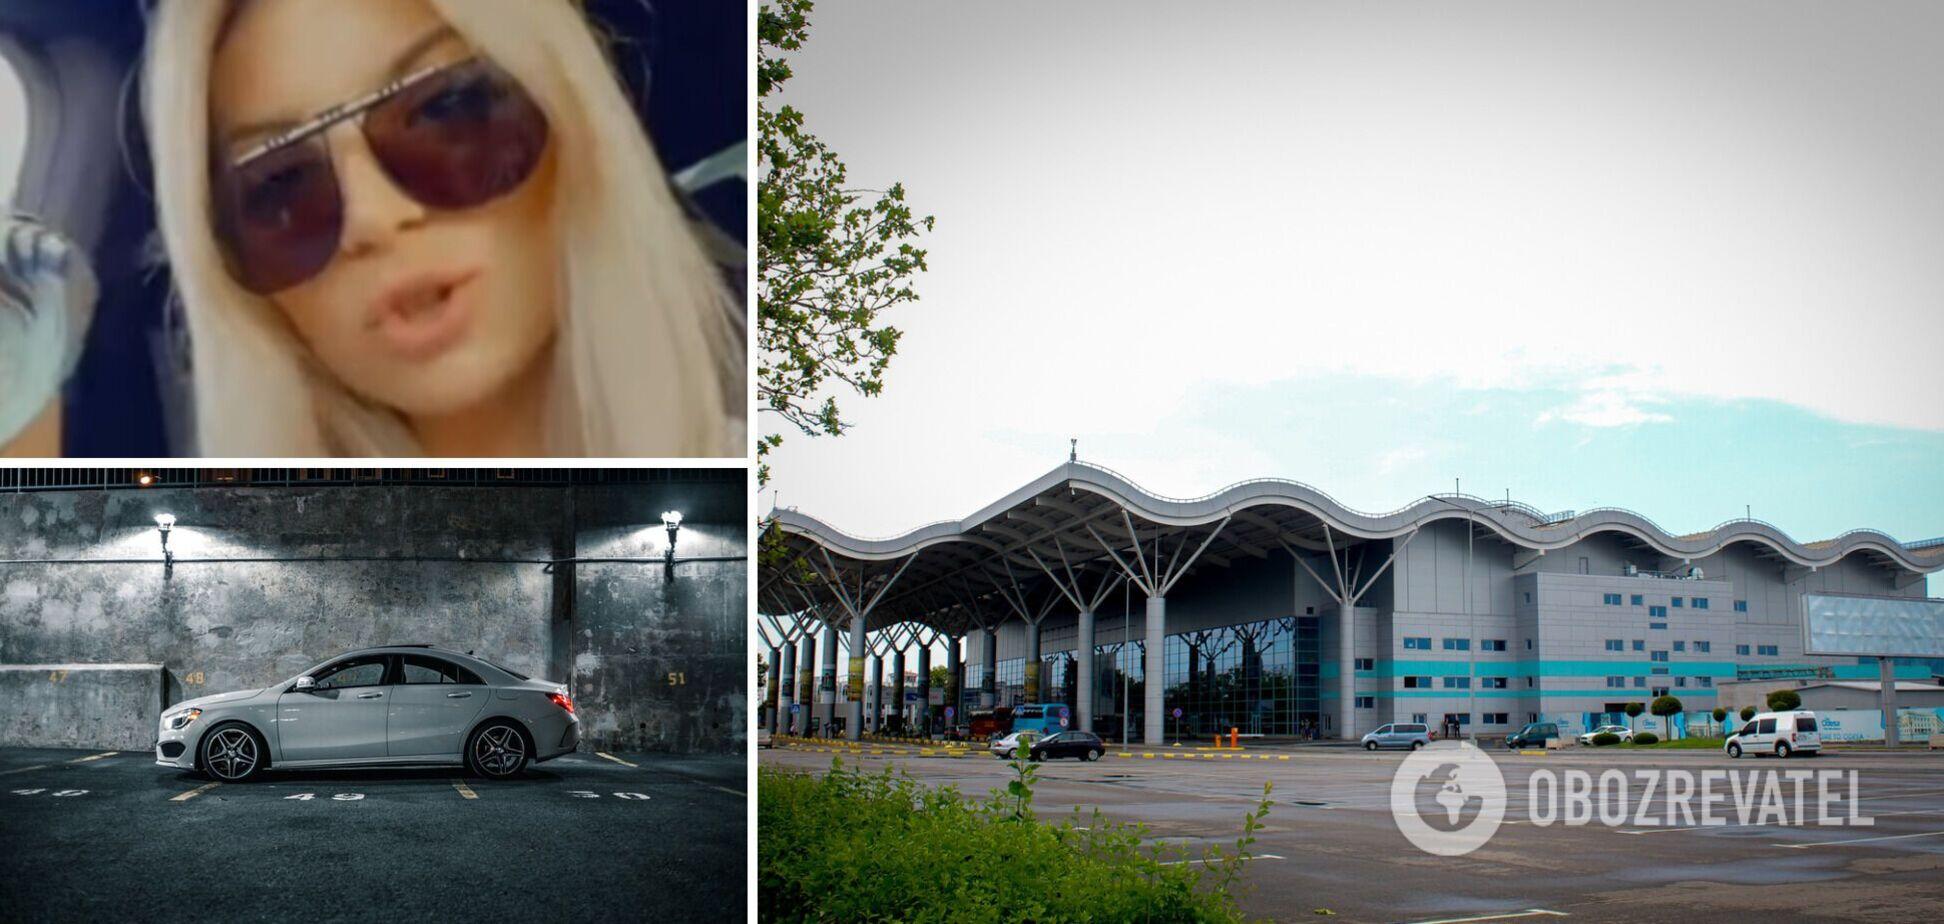 Скандал з паркуванням в аеропорту Одеси